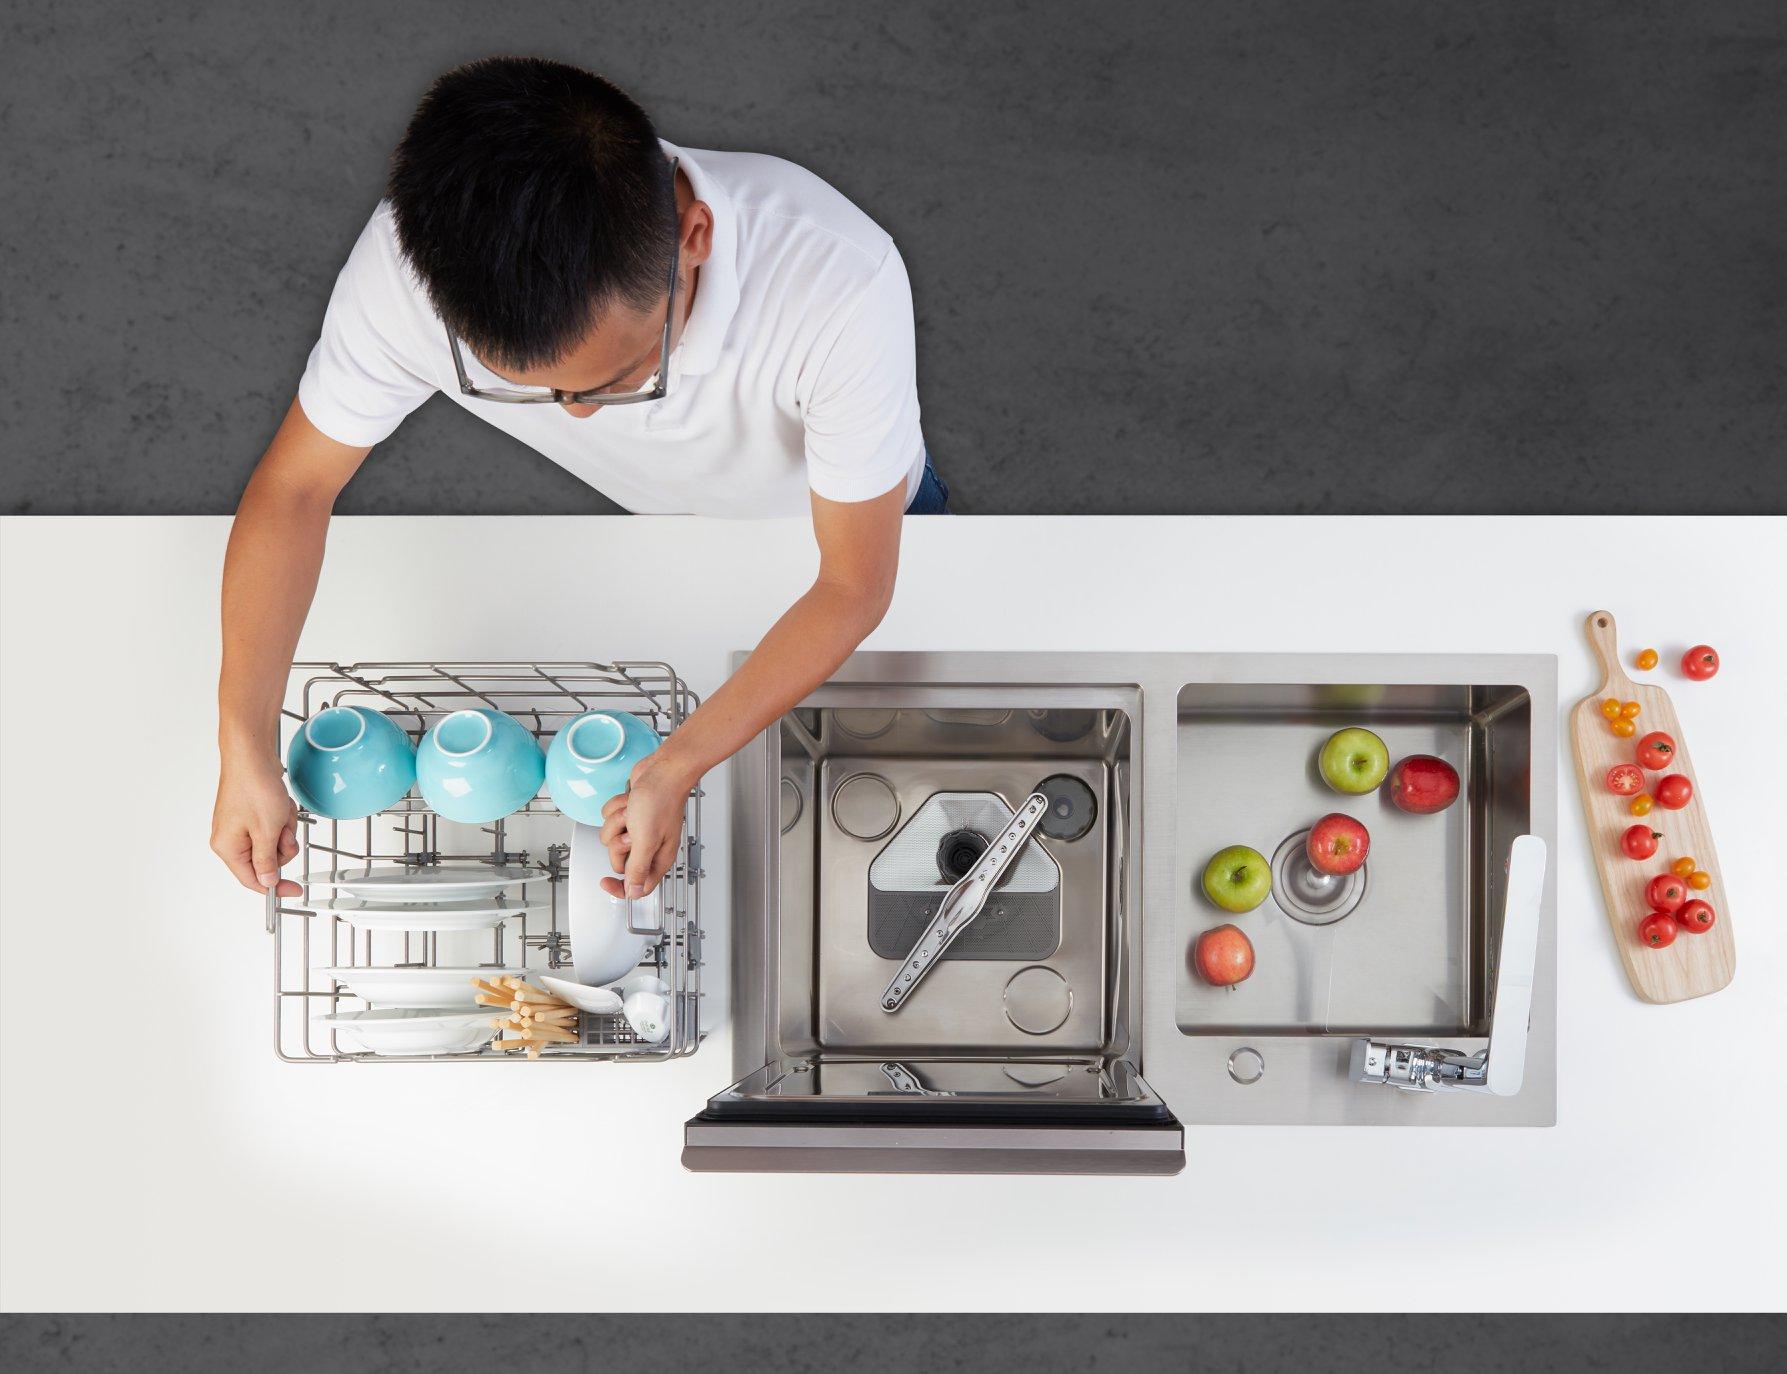 Vì sao nên đầu tư mua máy rửa chén bát?